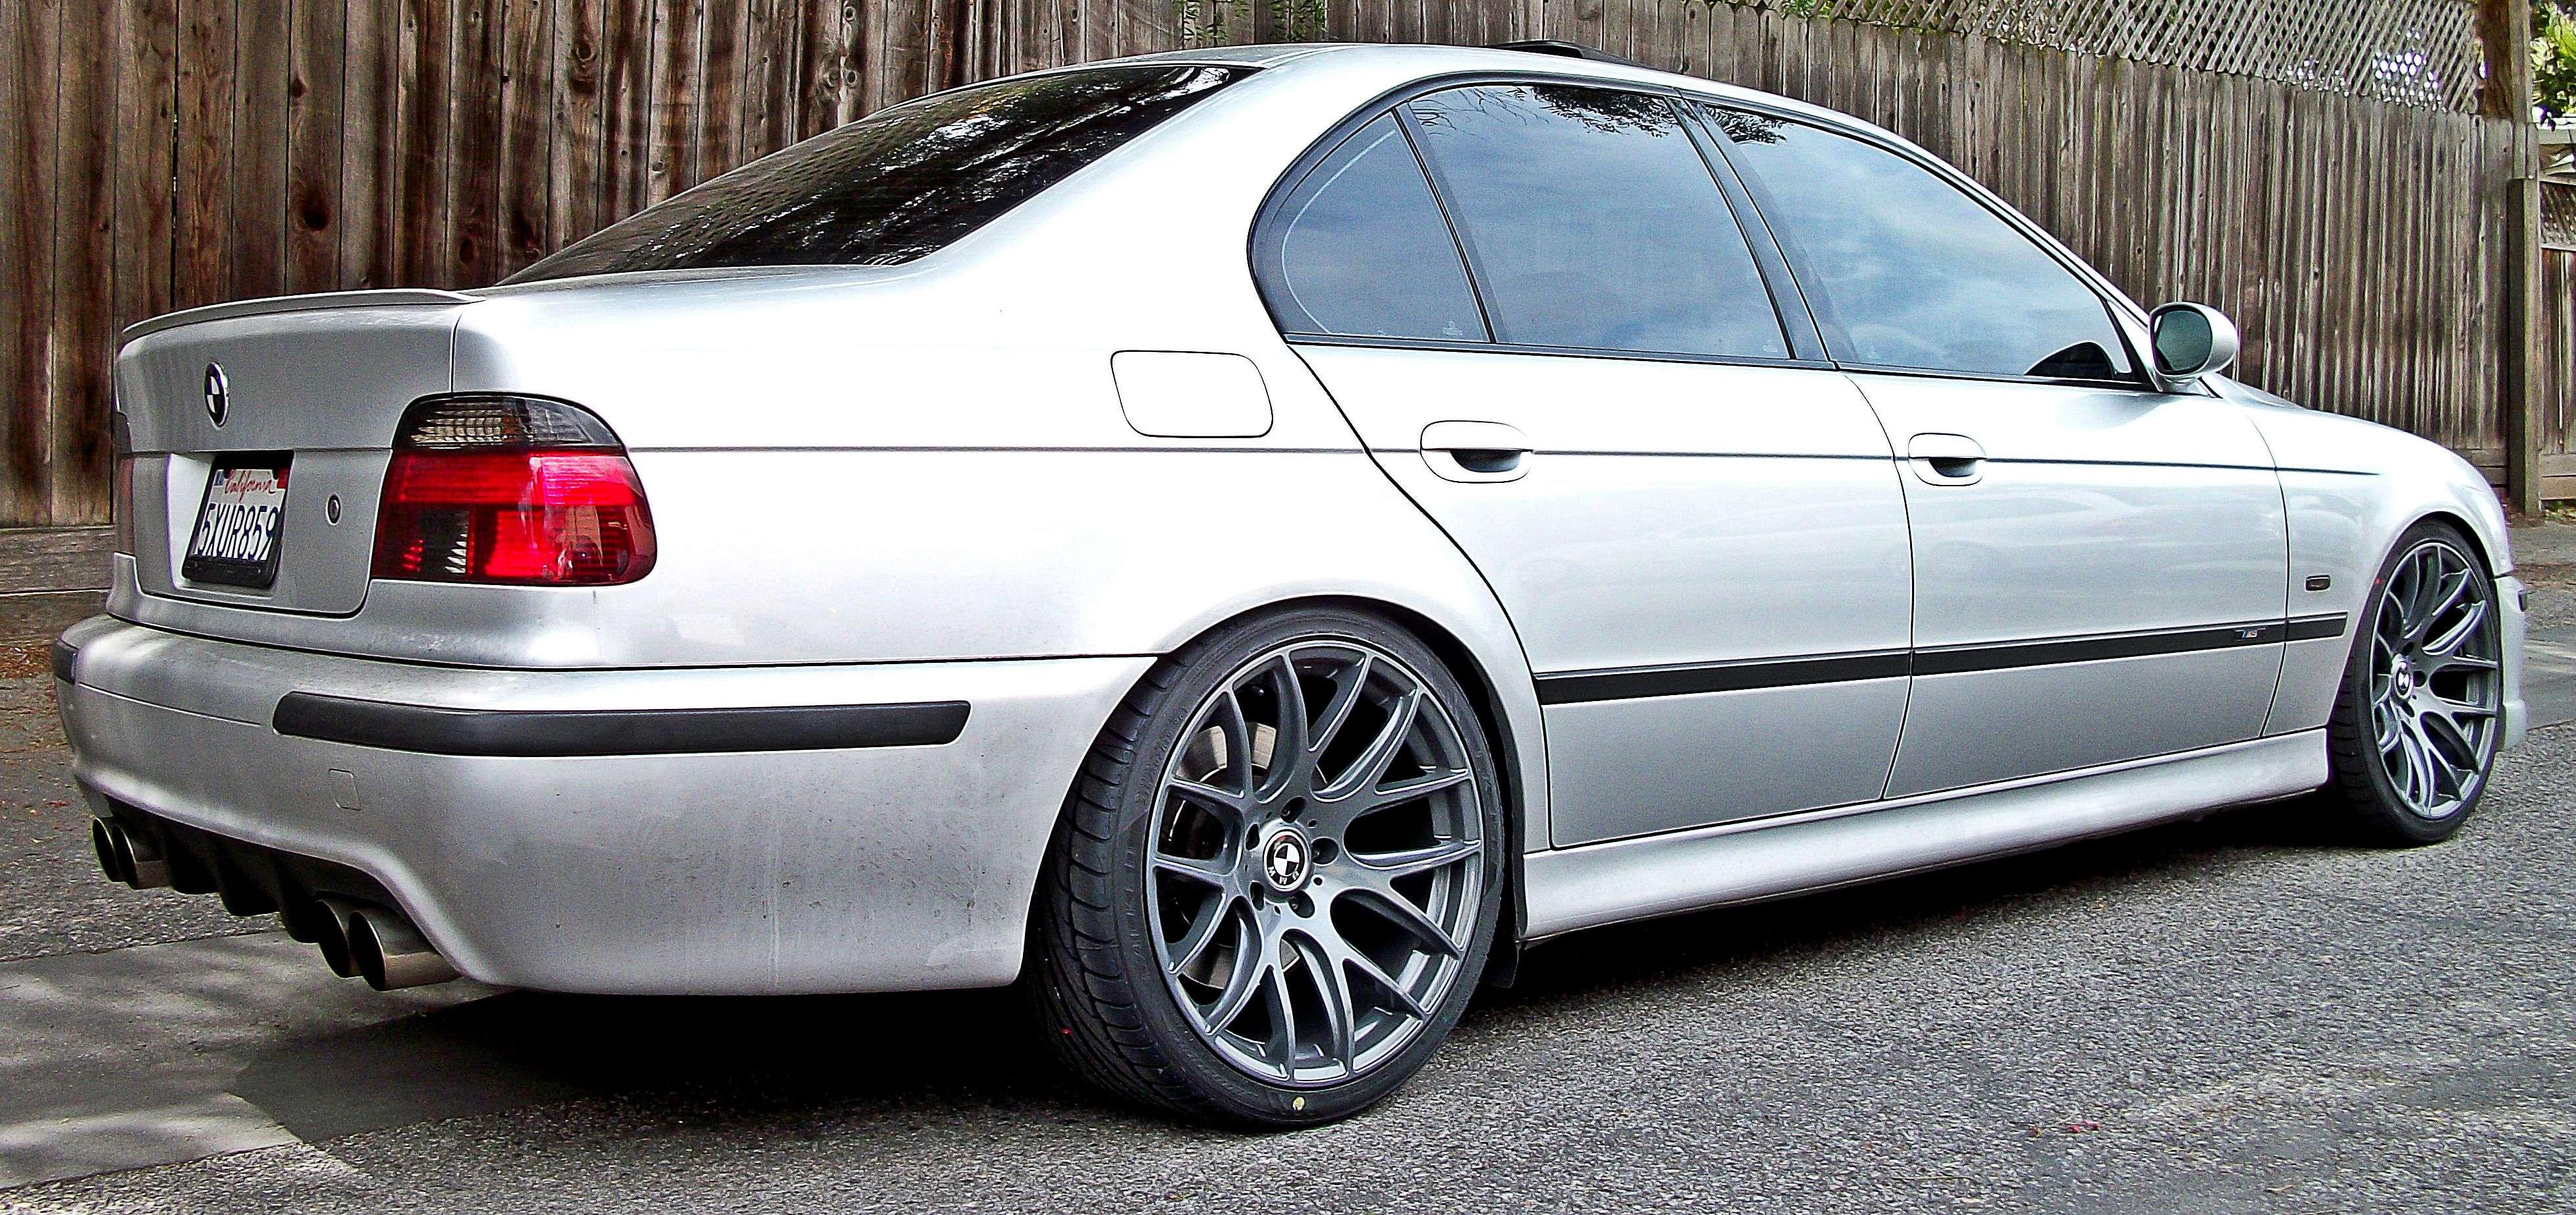 2008 BMW M3 For Sale >> E39 FS: Miro 111 19x9.5 ET20 Square Setup For E39 / M5